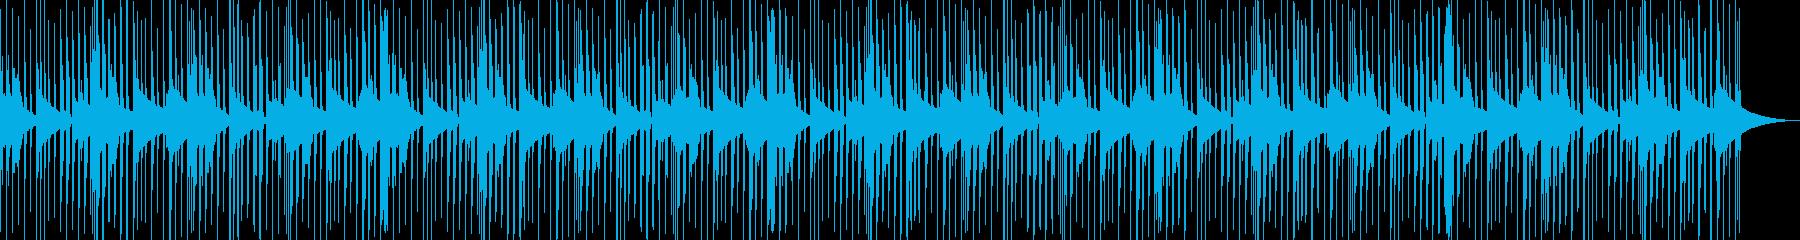 シンプルなhip-hop beatsの再生済みの波形